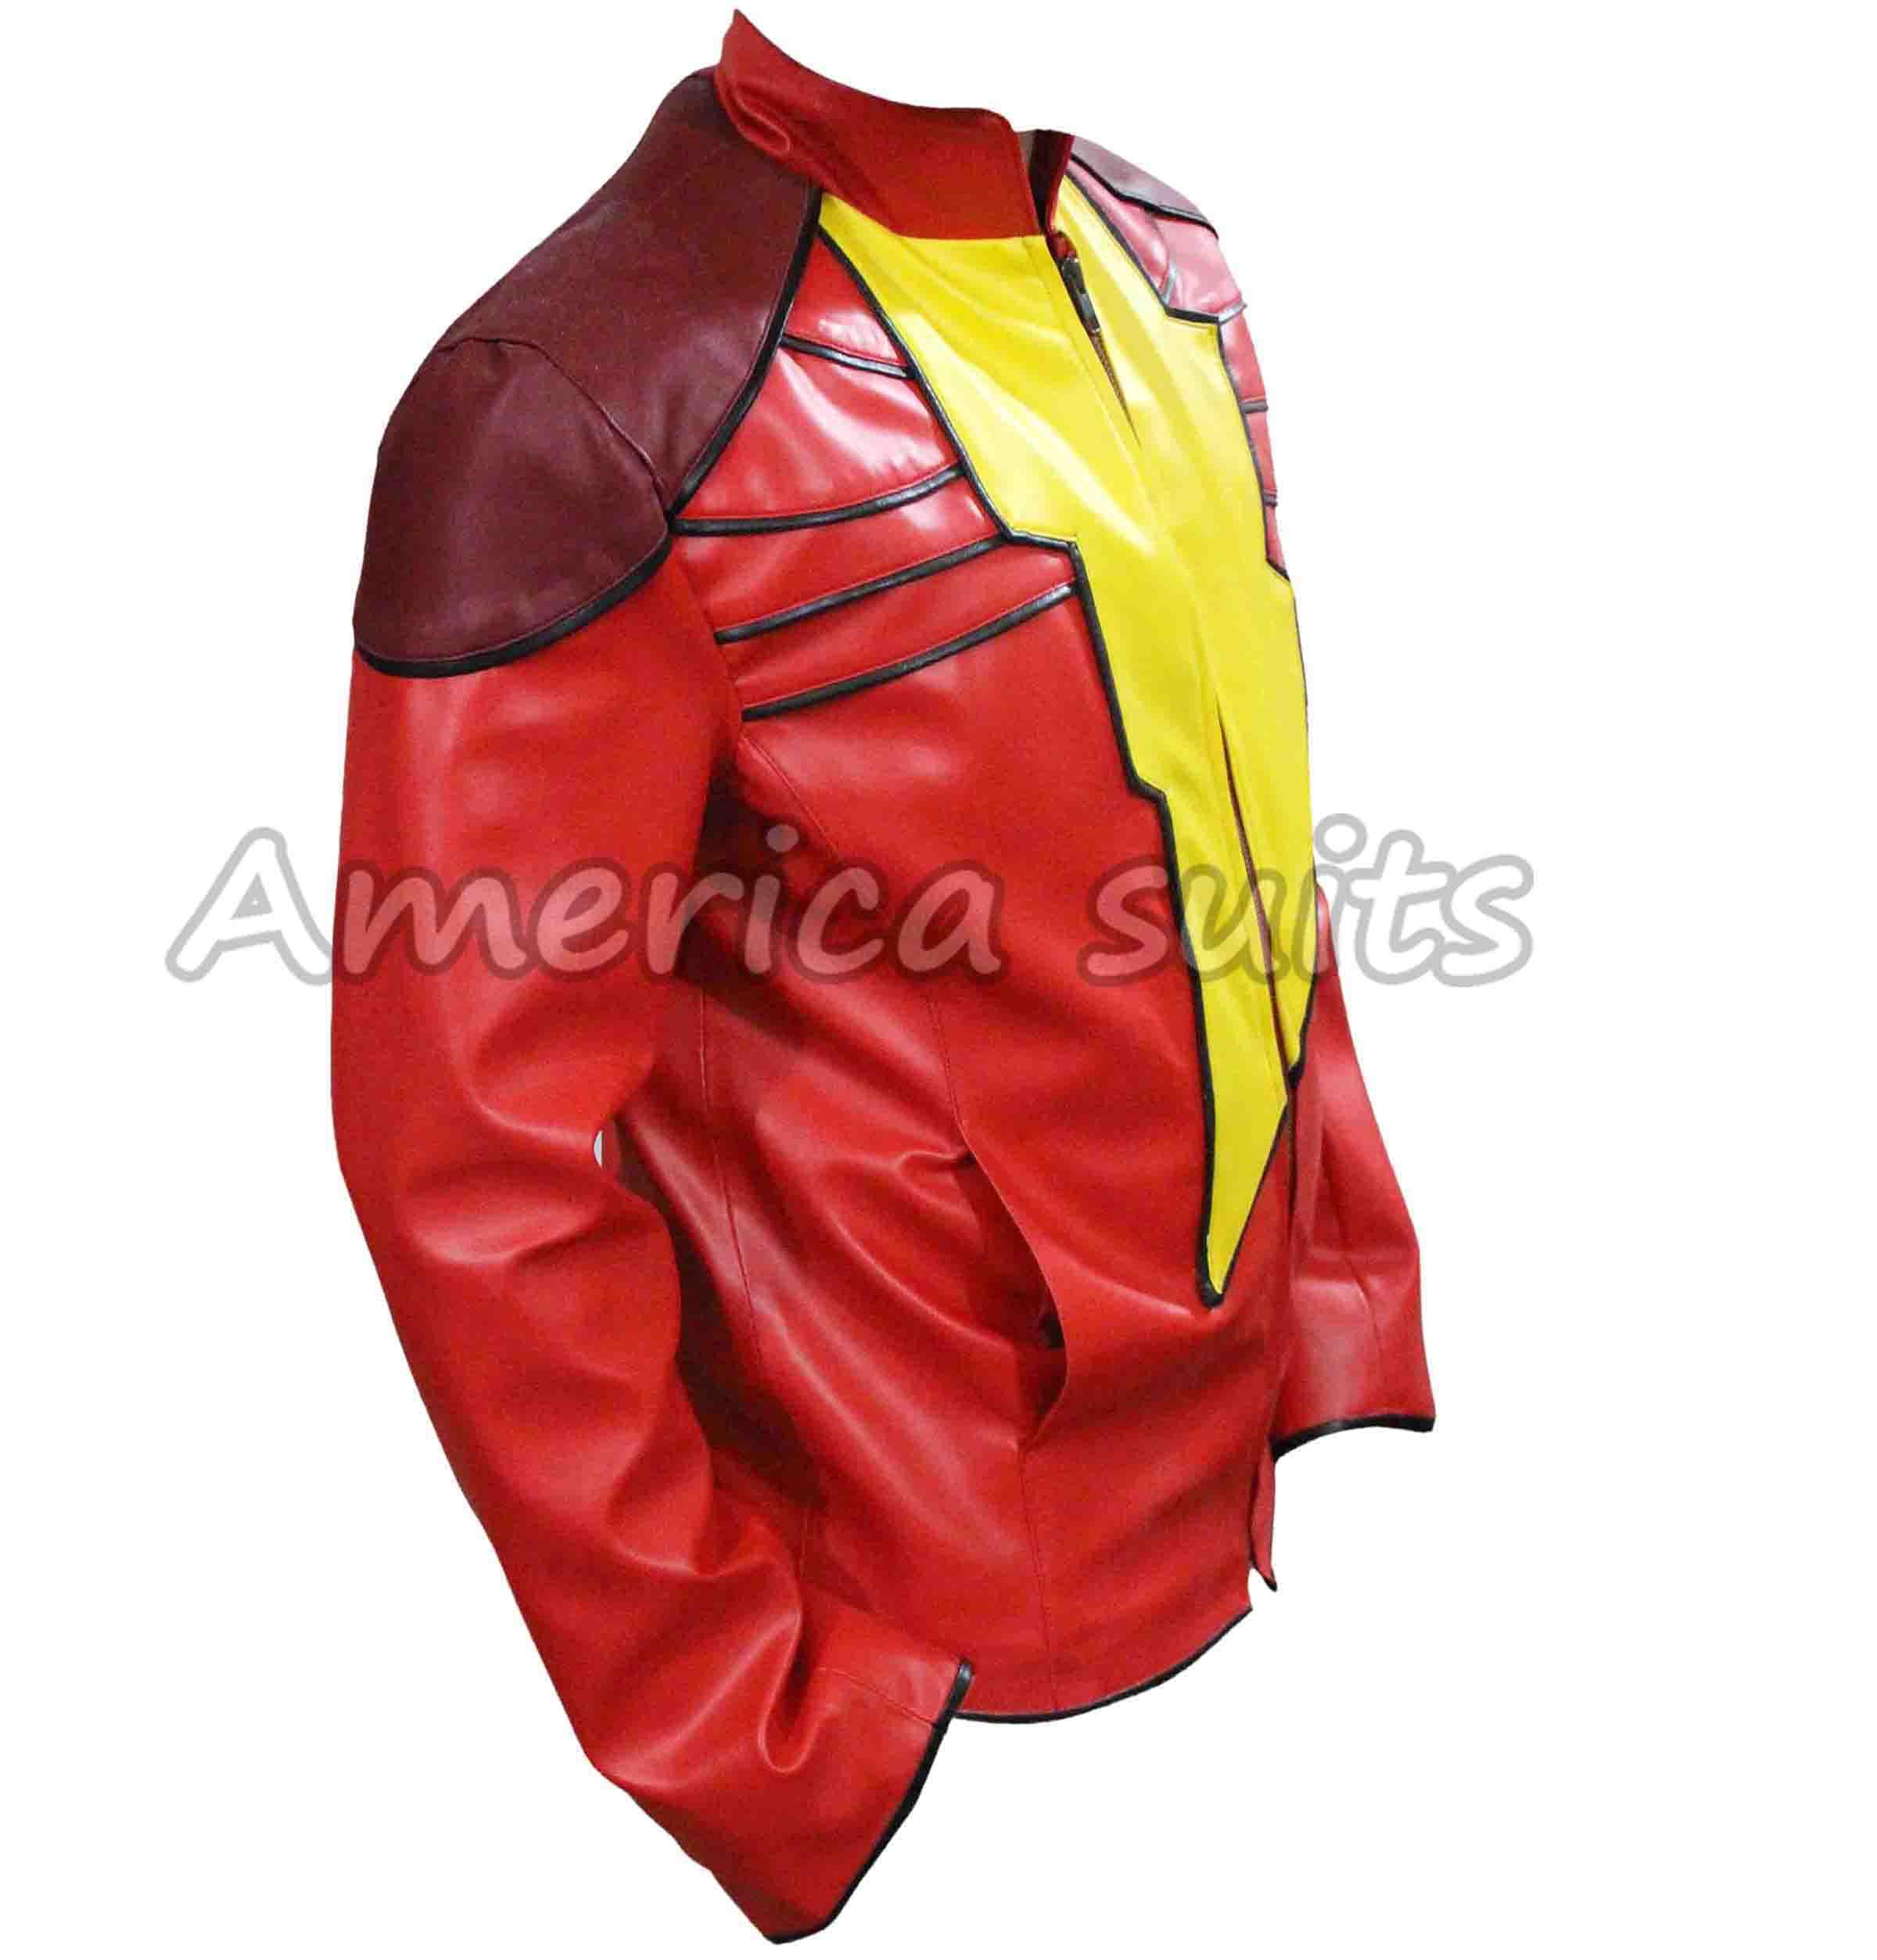 shazam-red-leather-jacket-900x900